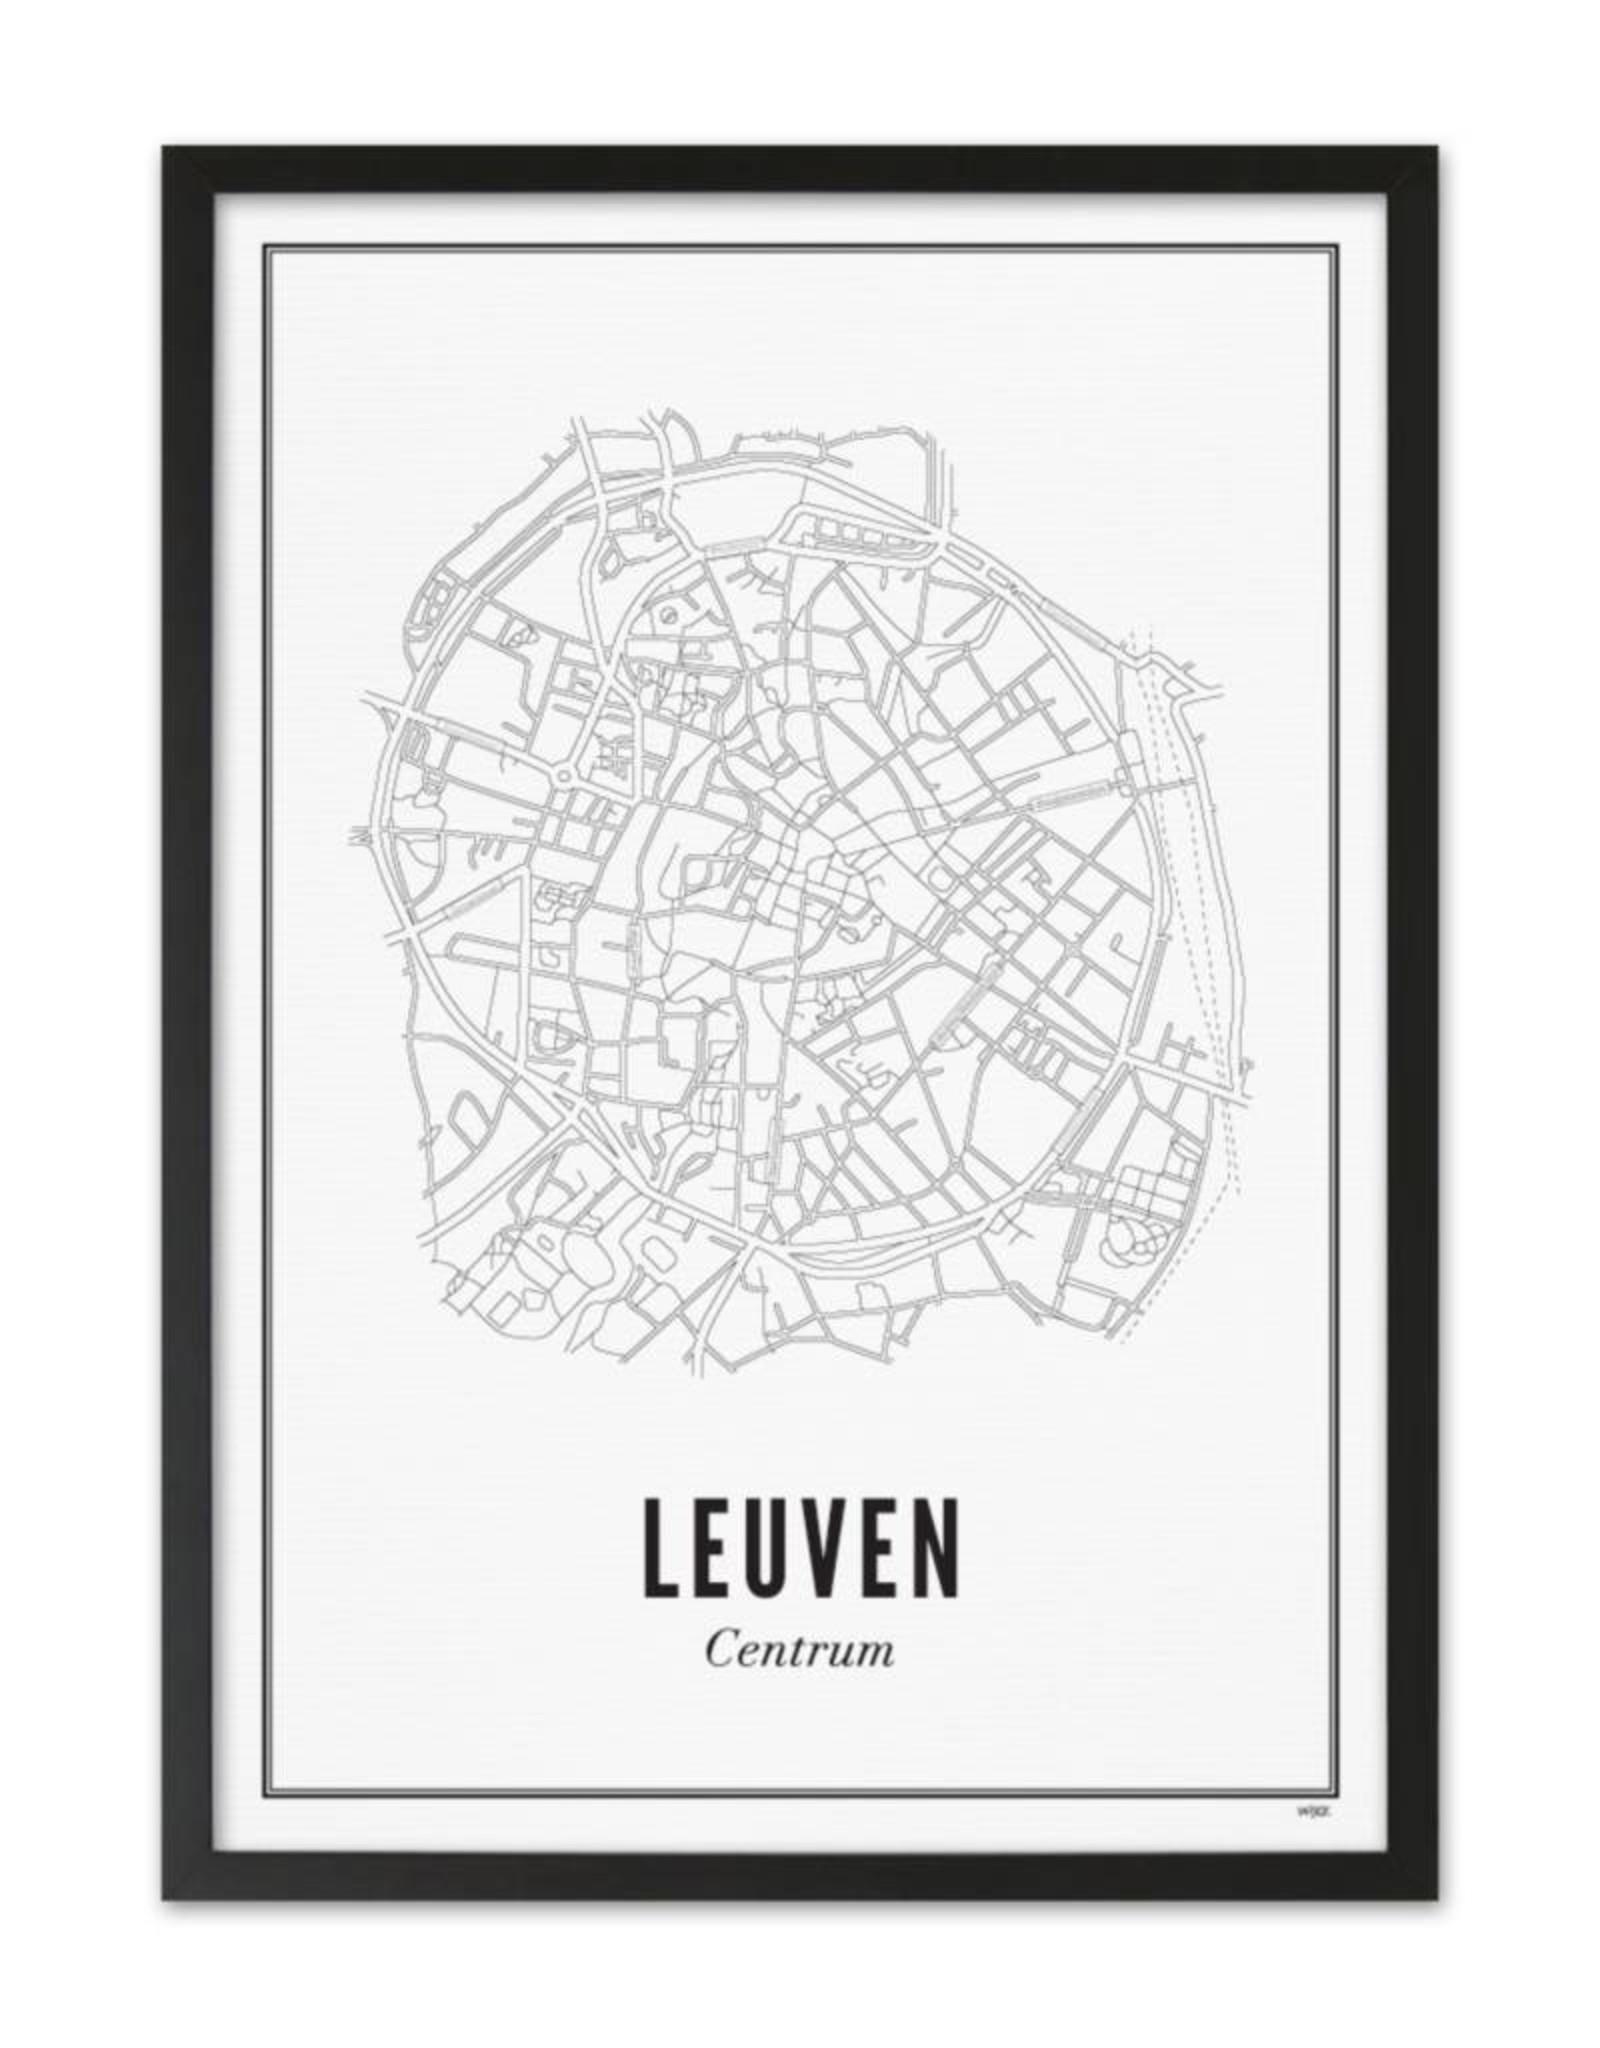 Wijck Wijck - prints - 50x70 - Leuven